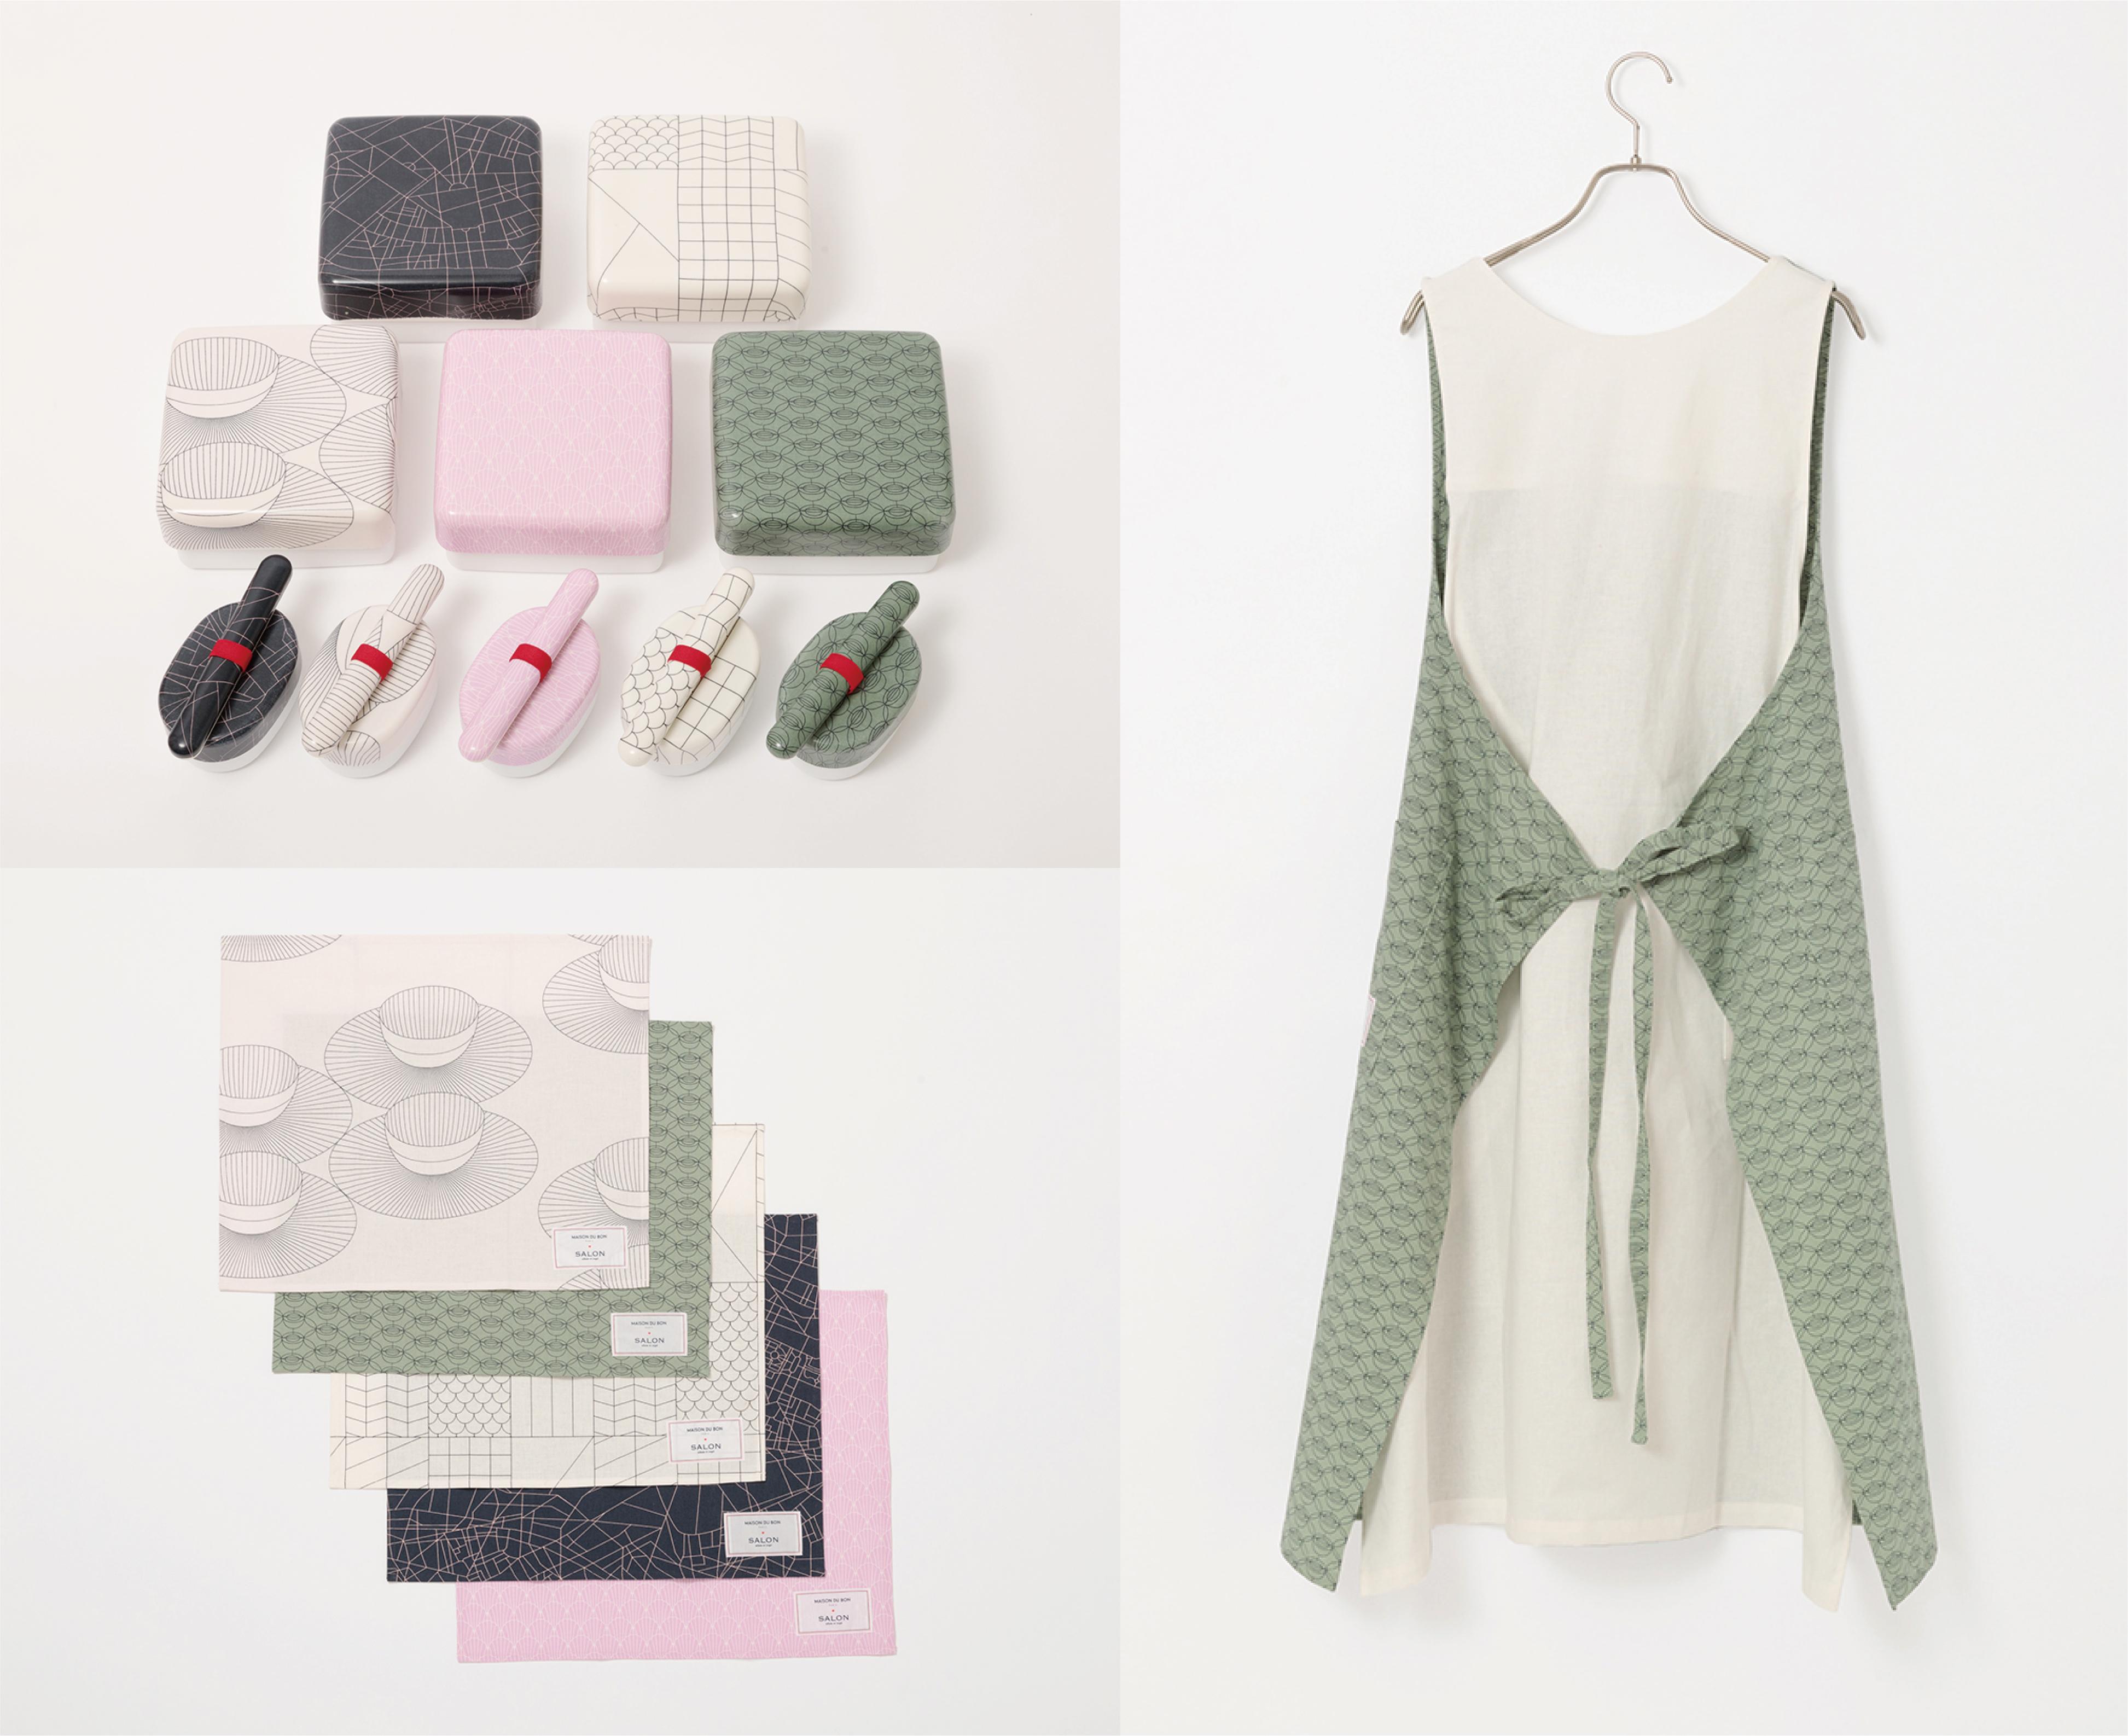 東海初!ファッションとフードのコンセプトショップ『サロン アダム エ ロペ』がオープン - sub11 1